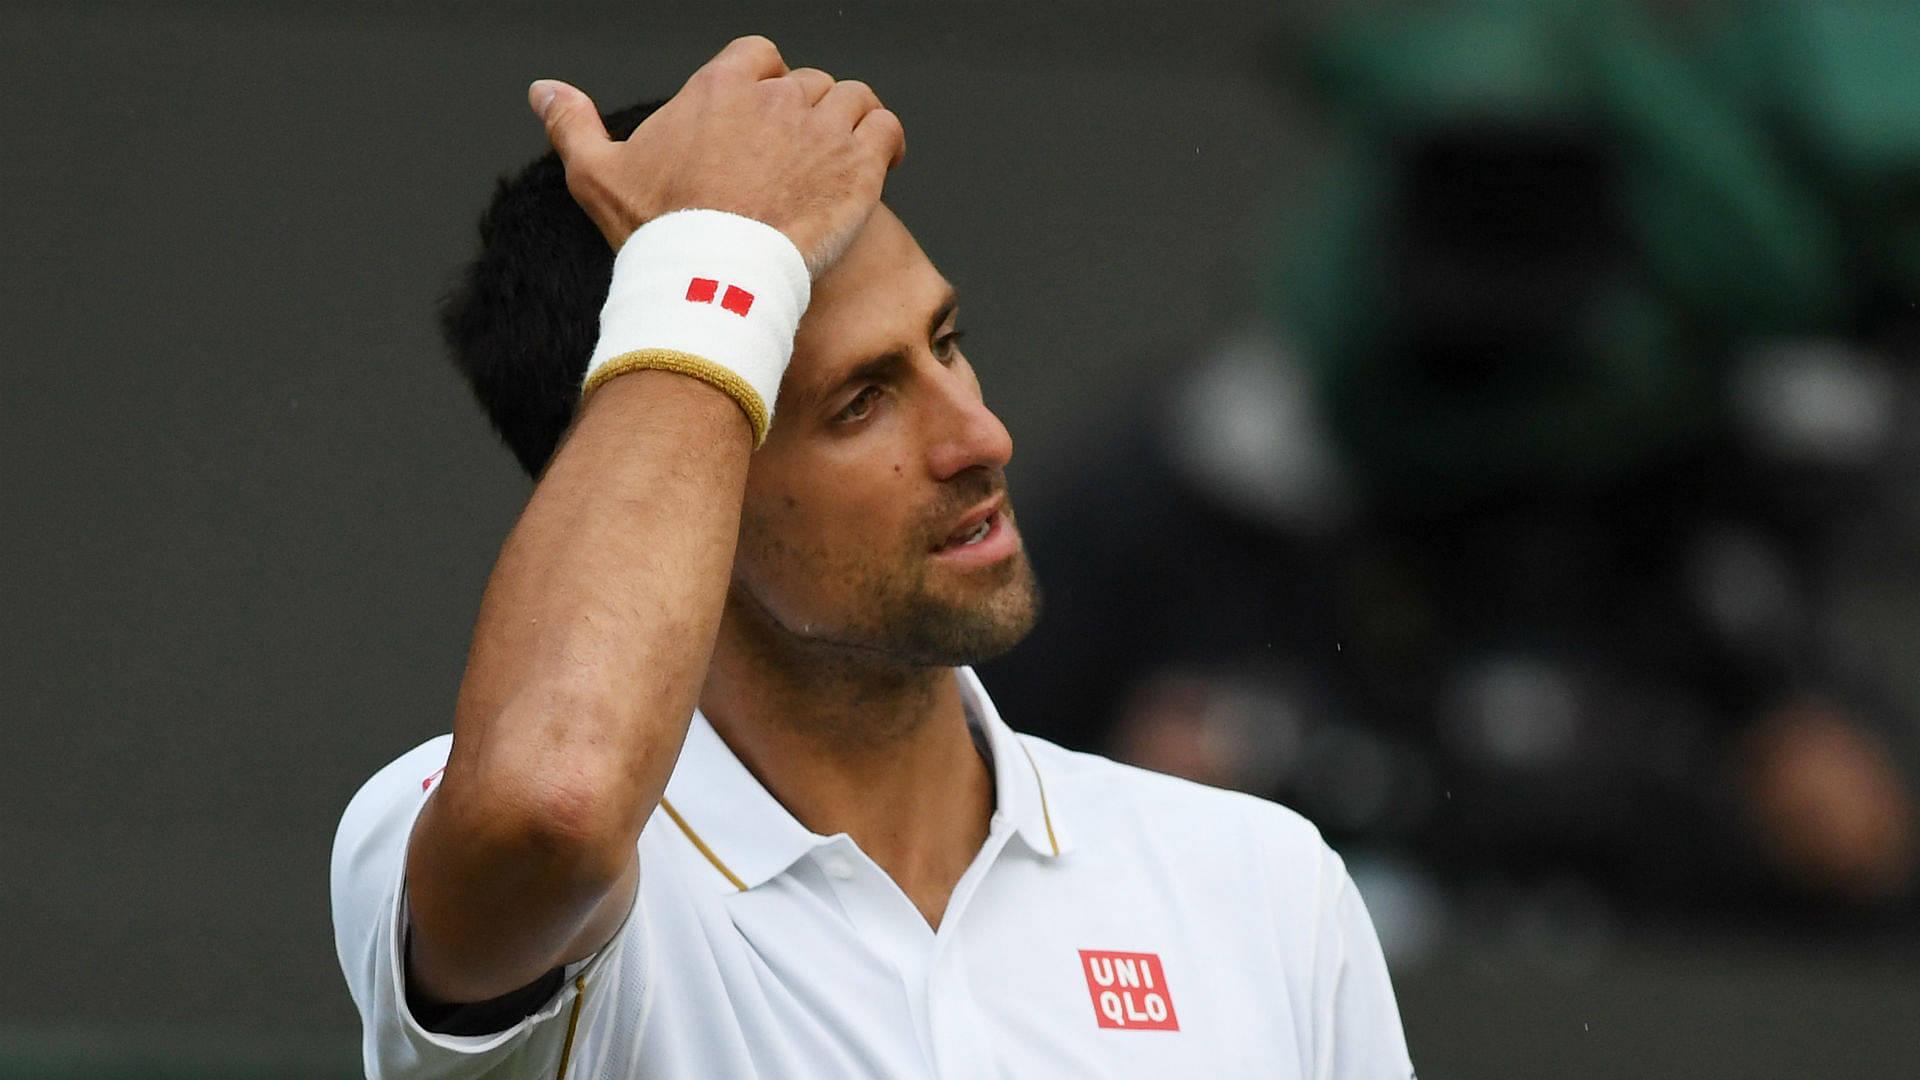 Novak Djokovic Source: Sporting Life